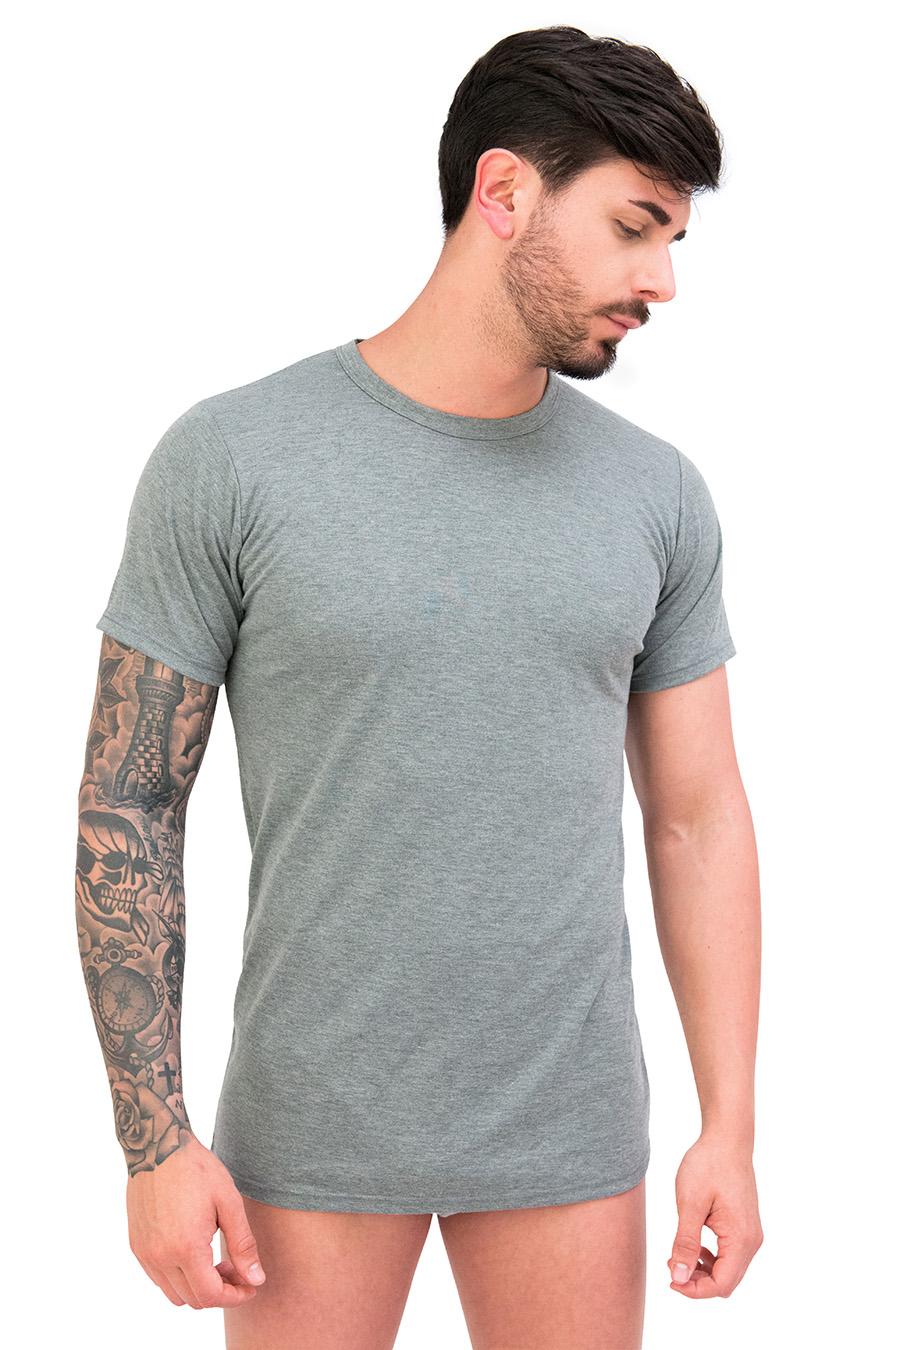 T-shirt in puro cotone termico invernale